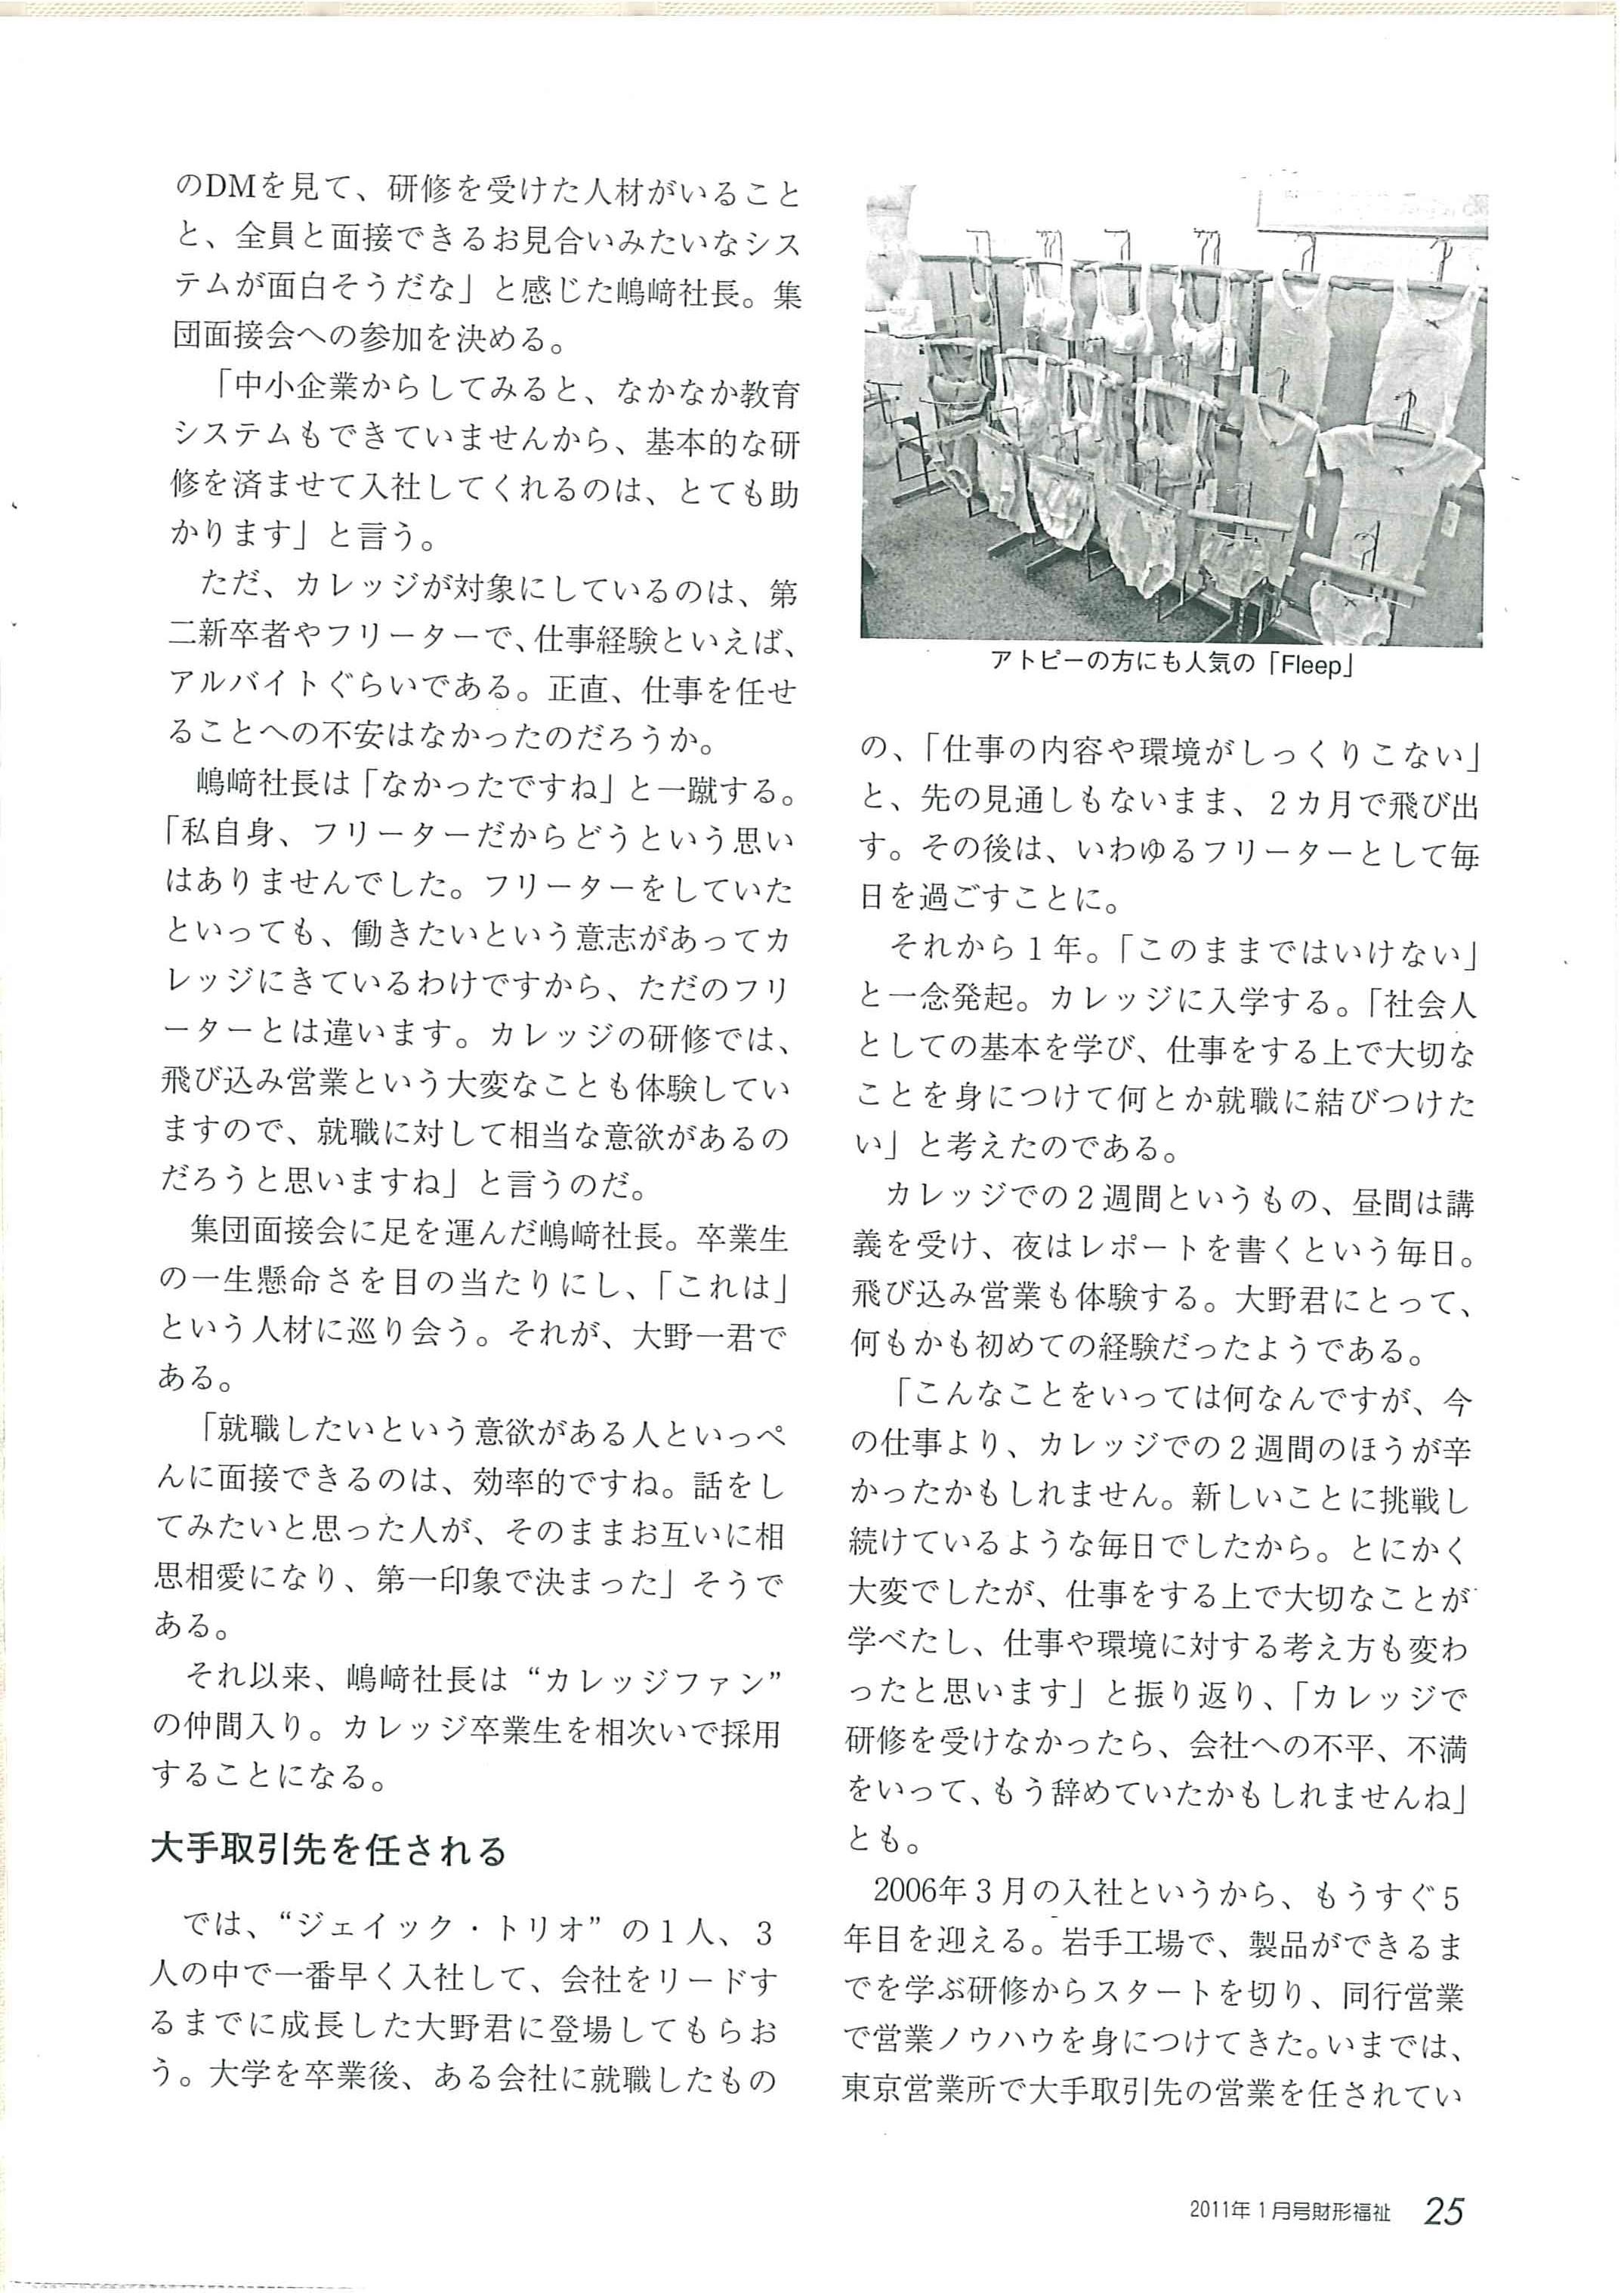 財形福祉 2011年1月号2ページ